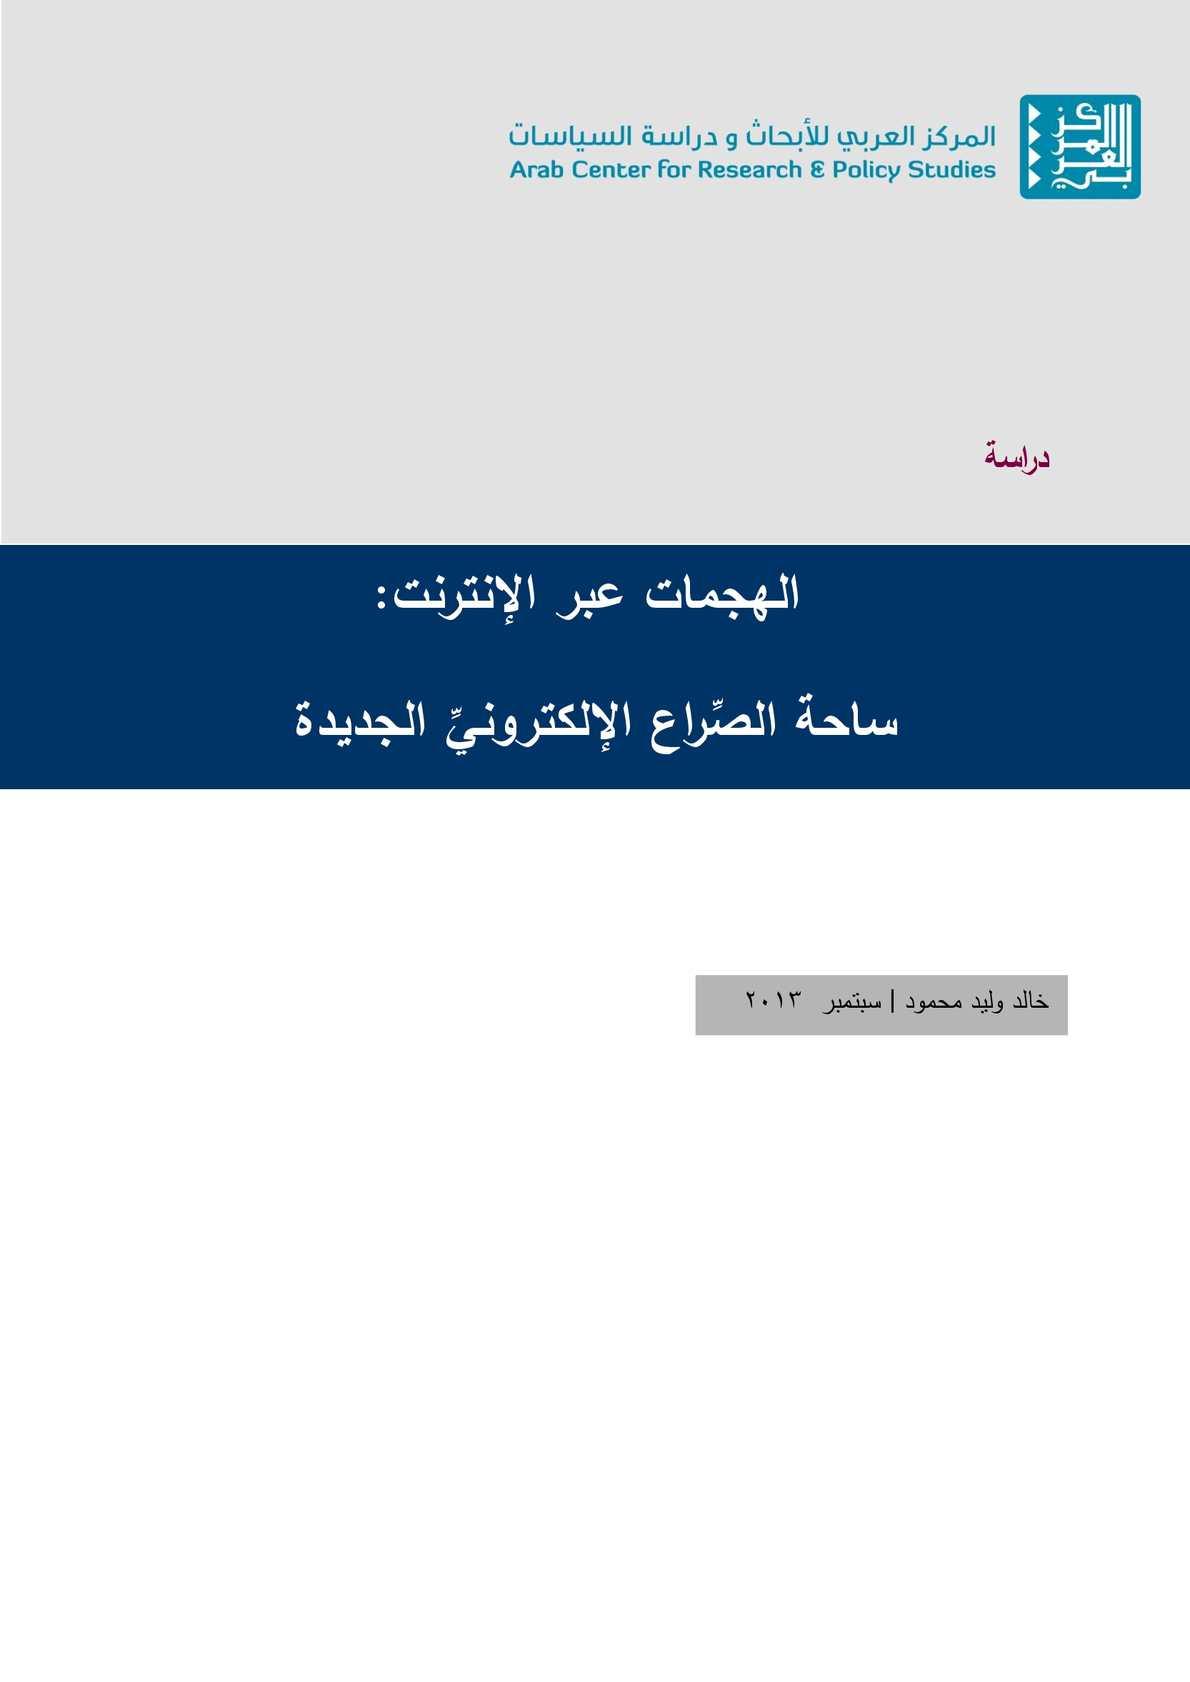 الهجمات عبر الإنترنت: ساحة الصِّراع الإلكترونيِّ الجديدة